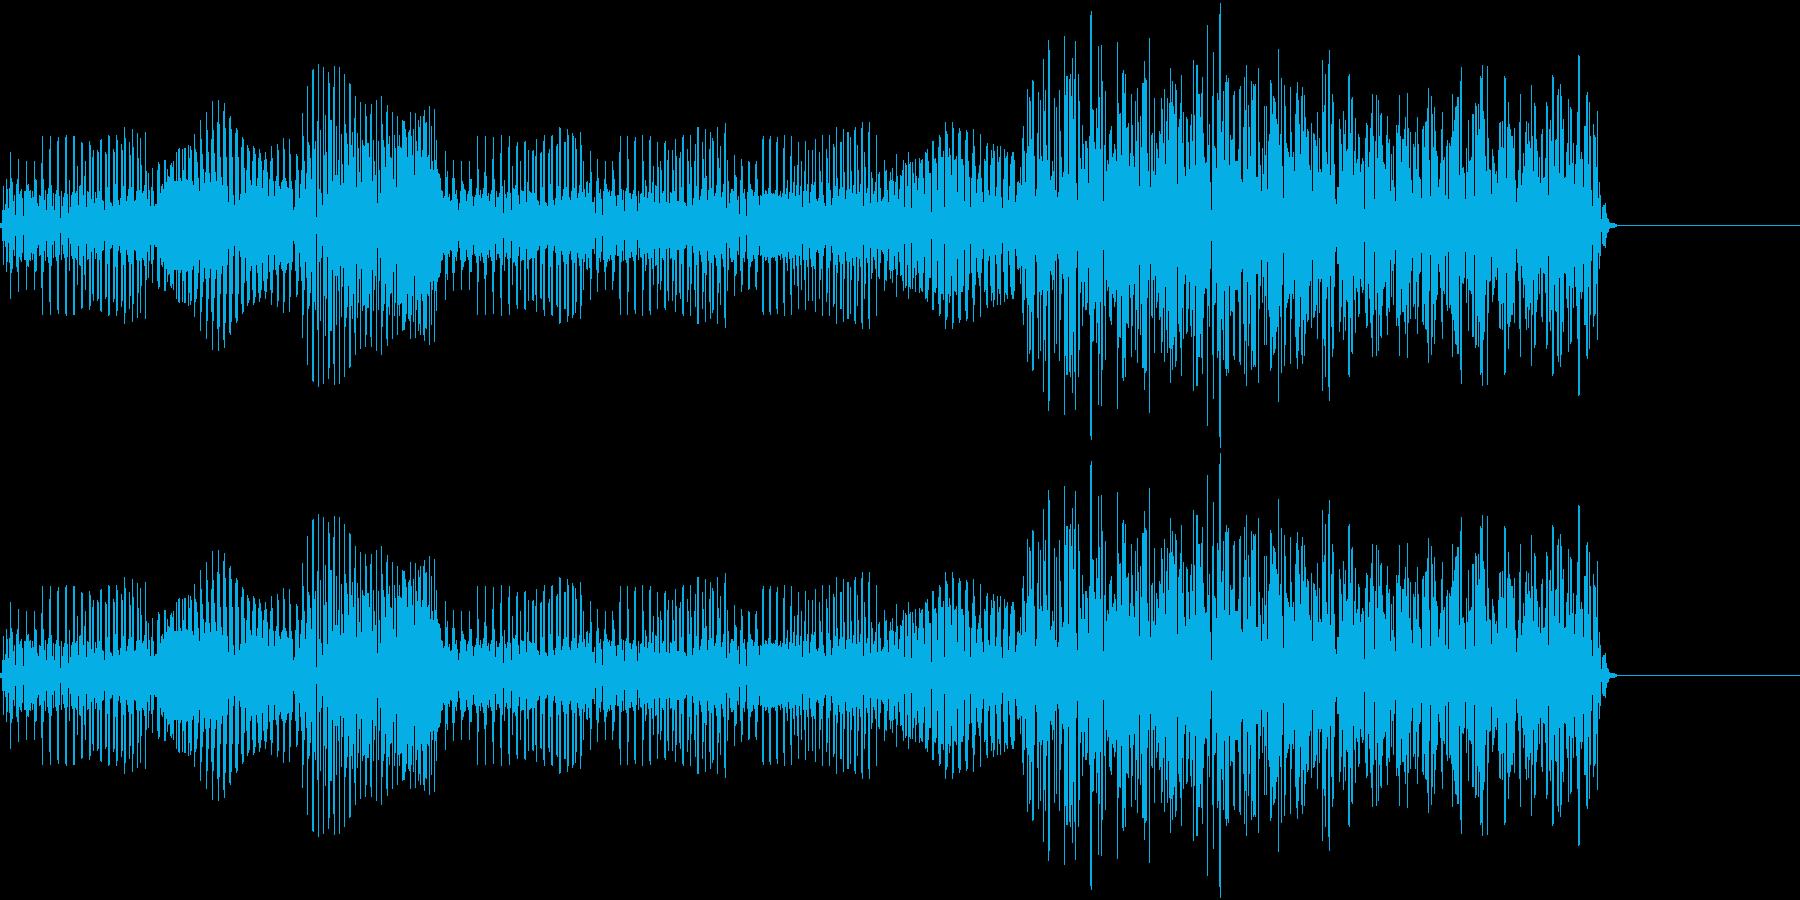 ポップなアイテム入手の再生済みの波形